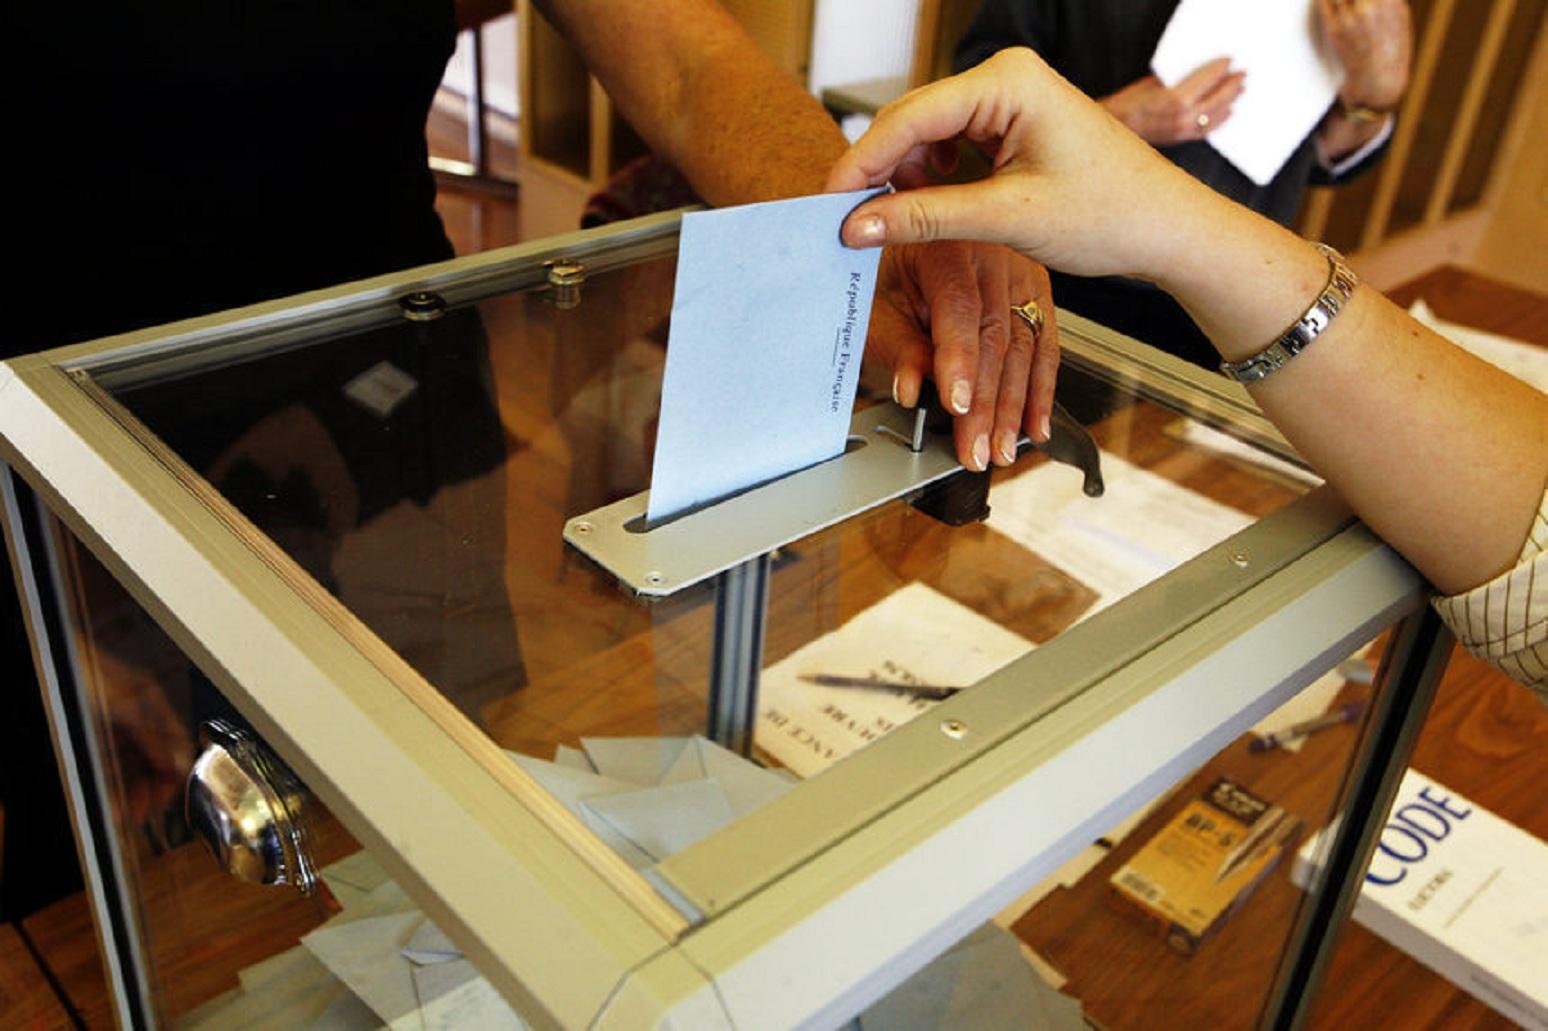 Votación. Fuente: Wikimedia Commons.